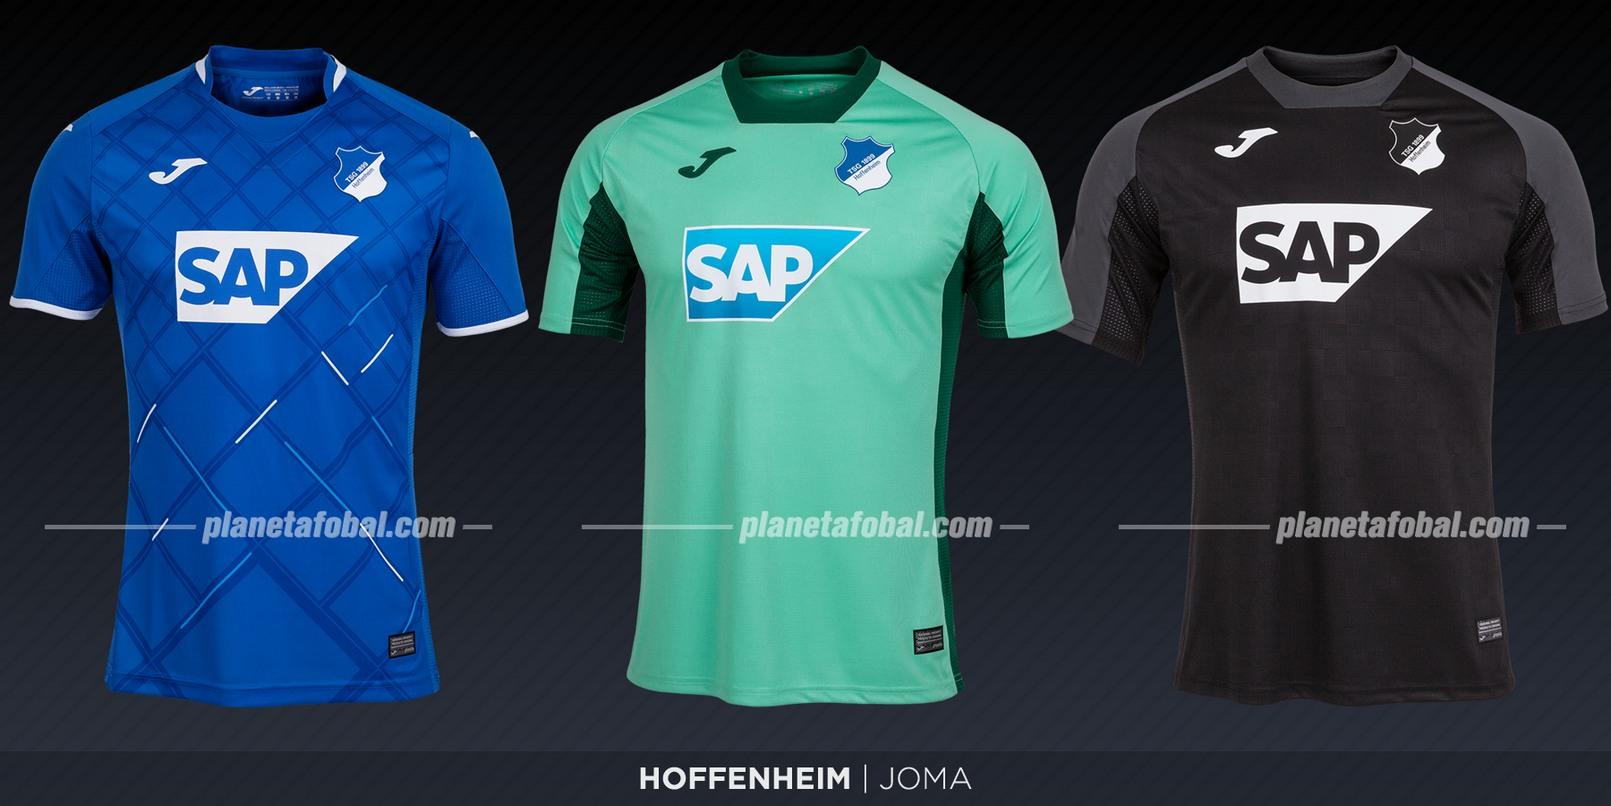 Hoffenheim (Joma) | Camisetas de la Bundesliga 2019-2020